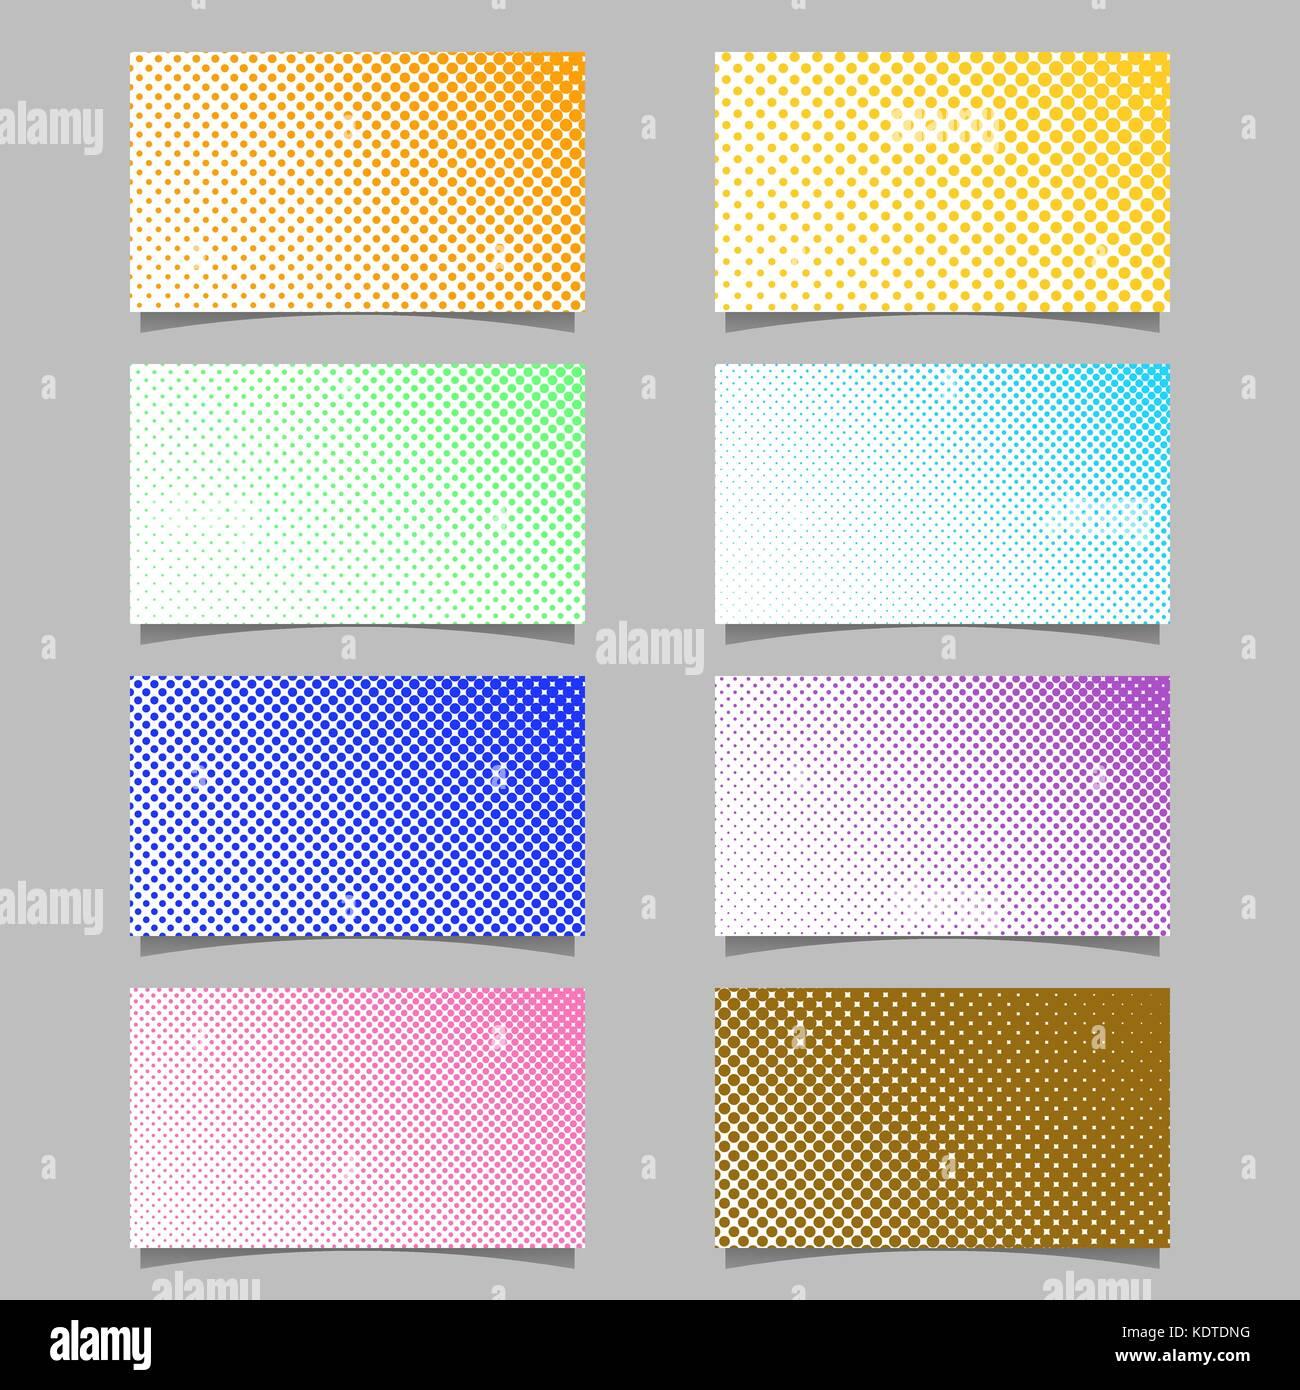 Farbe Abstrakte Halftone Kreis Muster Visitenkarte